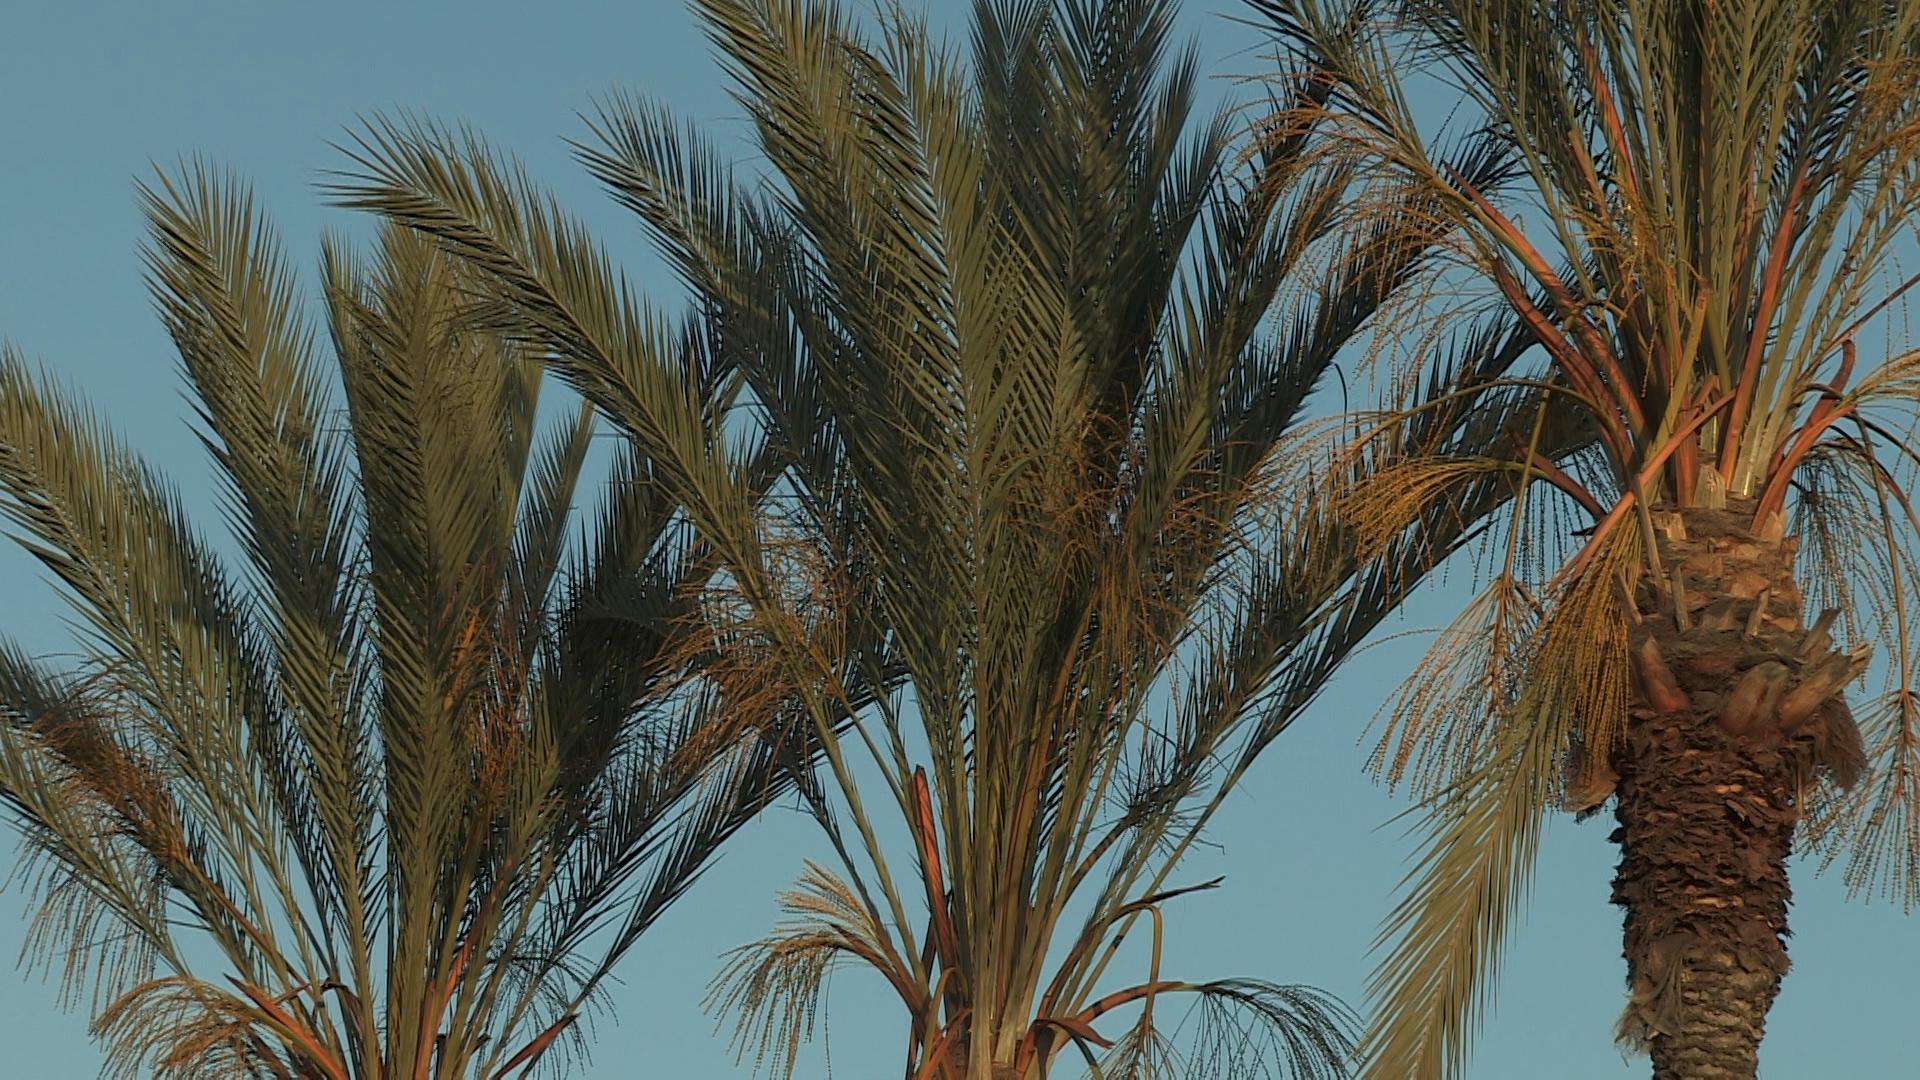 01d-Fullerton Palm Trees.jpg